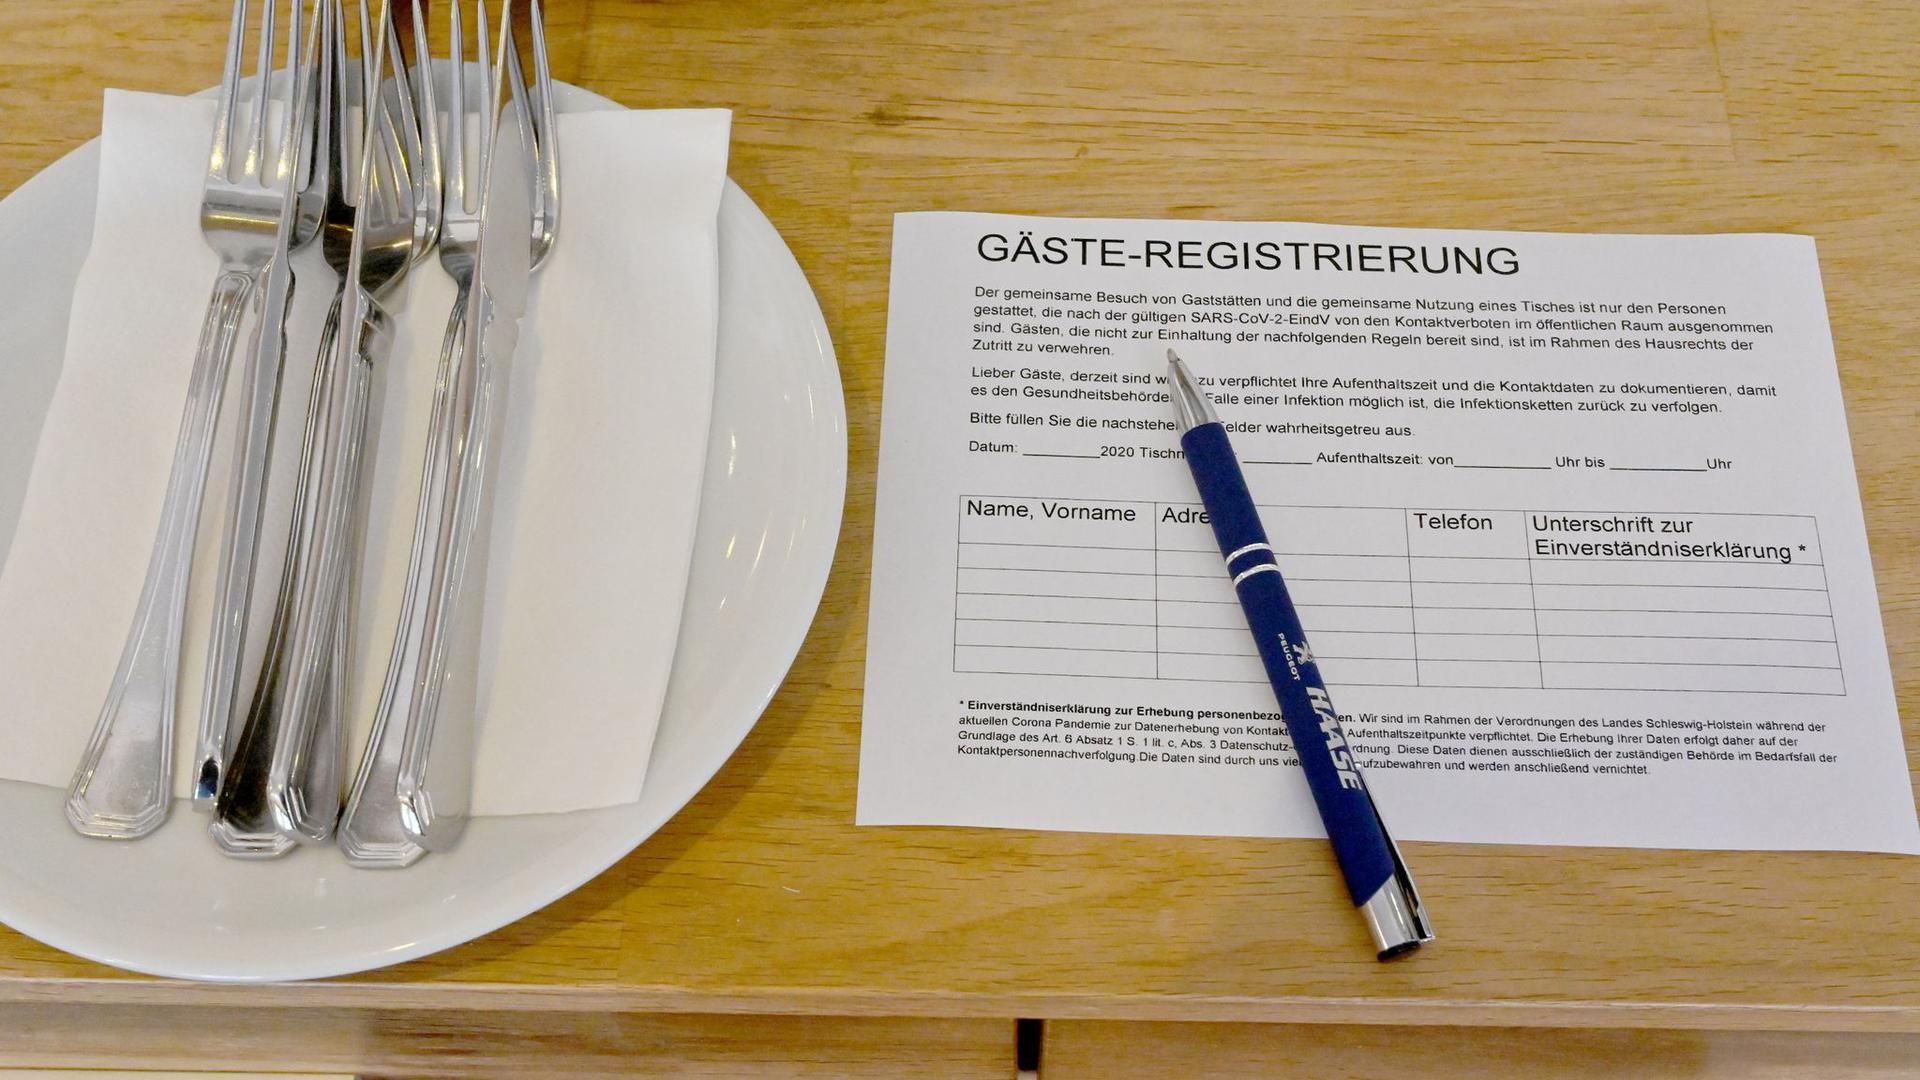 Ein Zettel für die Gäste-Regstrierung liegt in einem Restaurant auf einem Tisch.